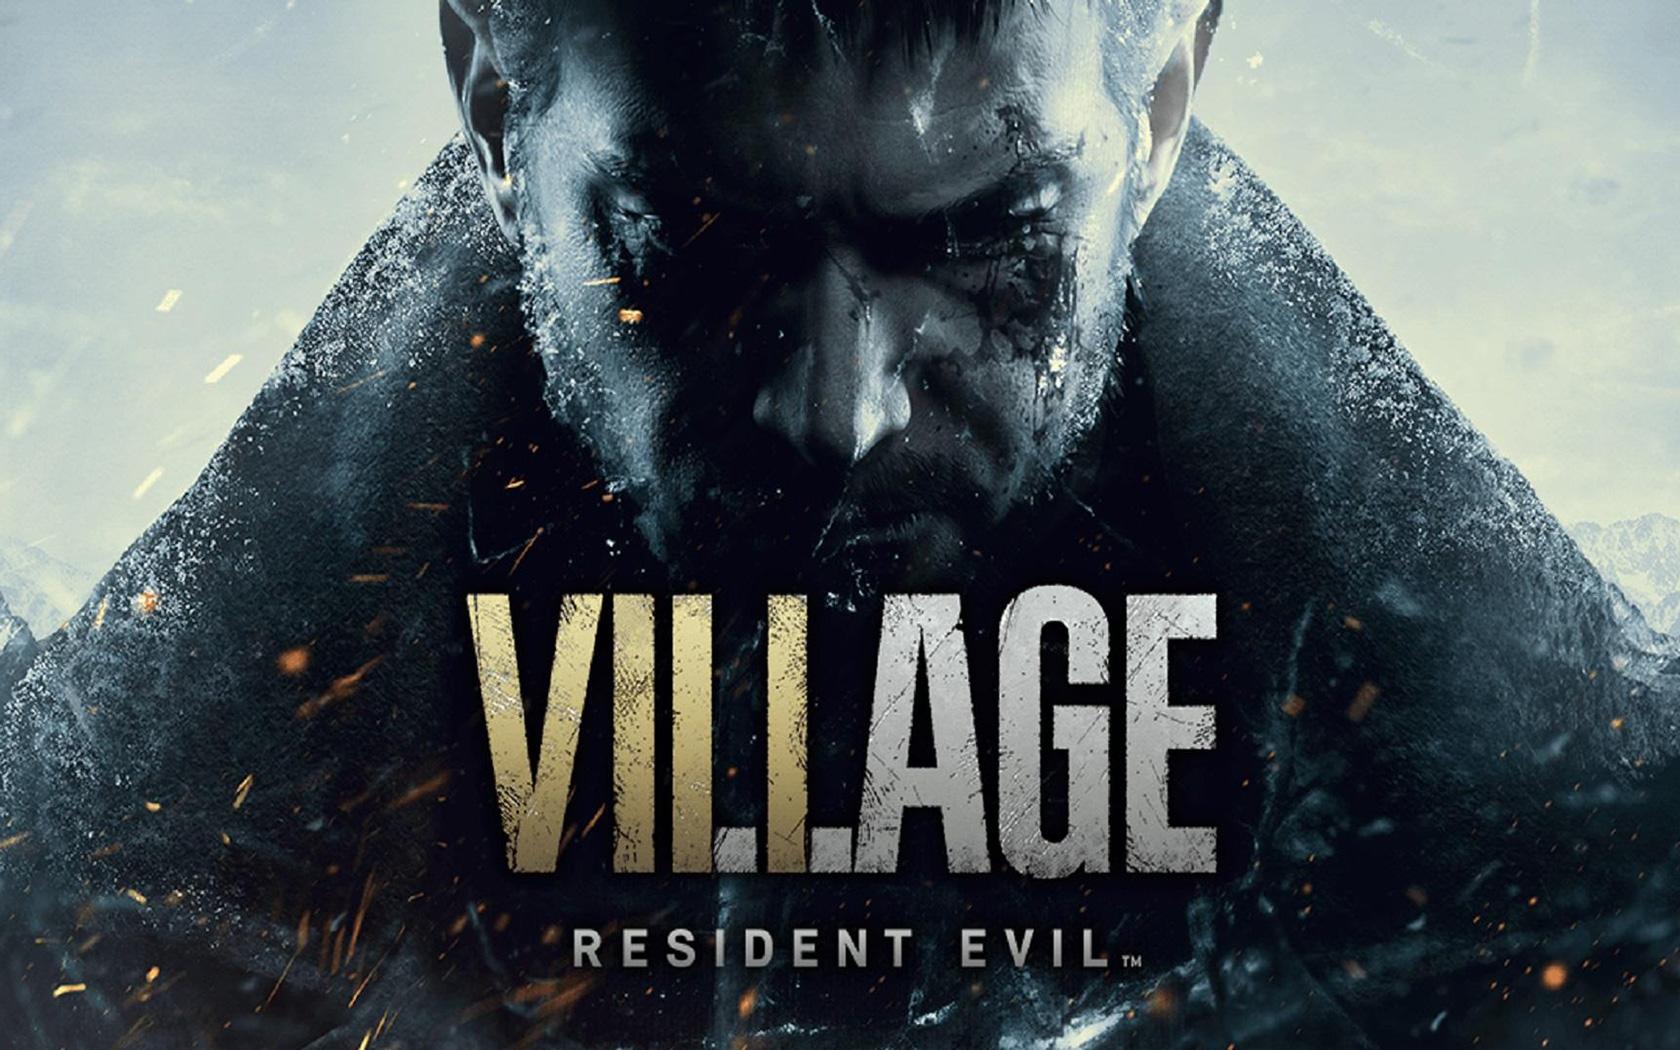 Resident Evil Village Wallpaper in 1680x1050